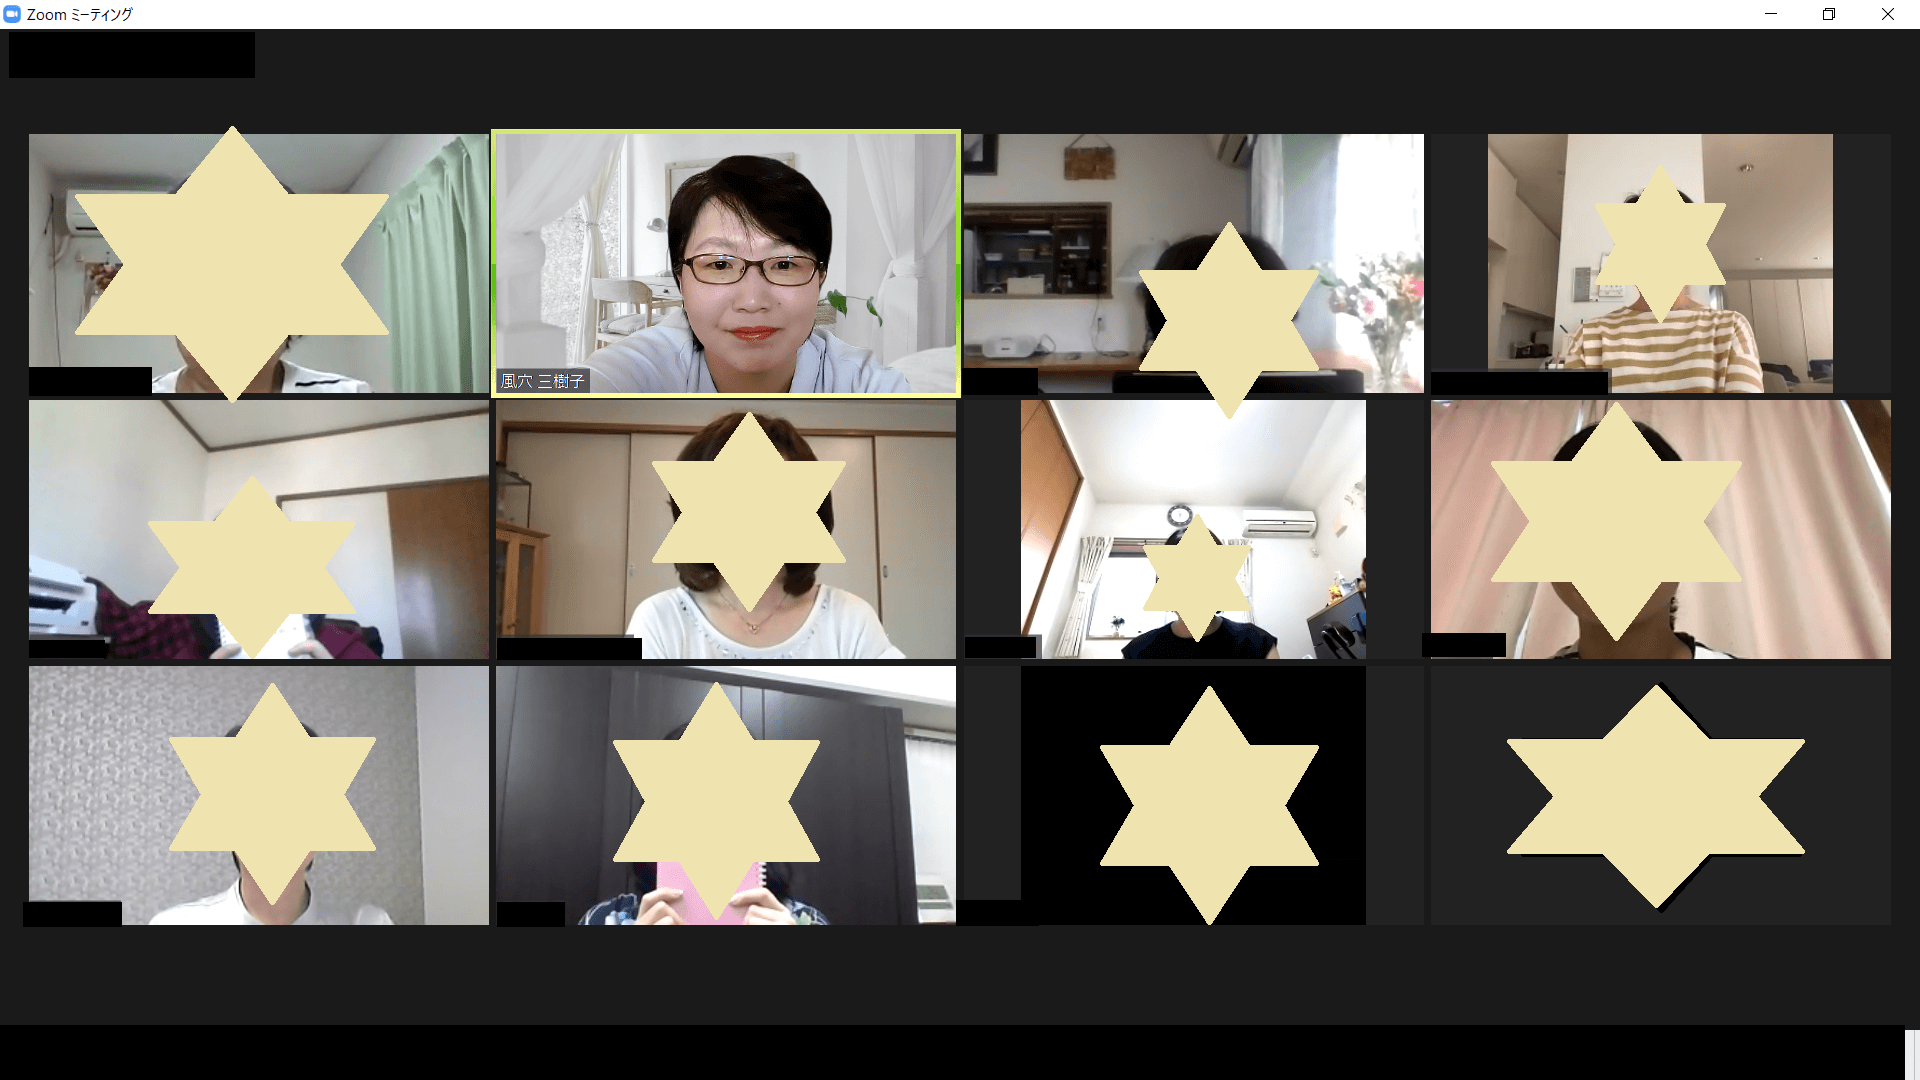 安東流書類整理Zoomセミナー